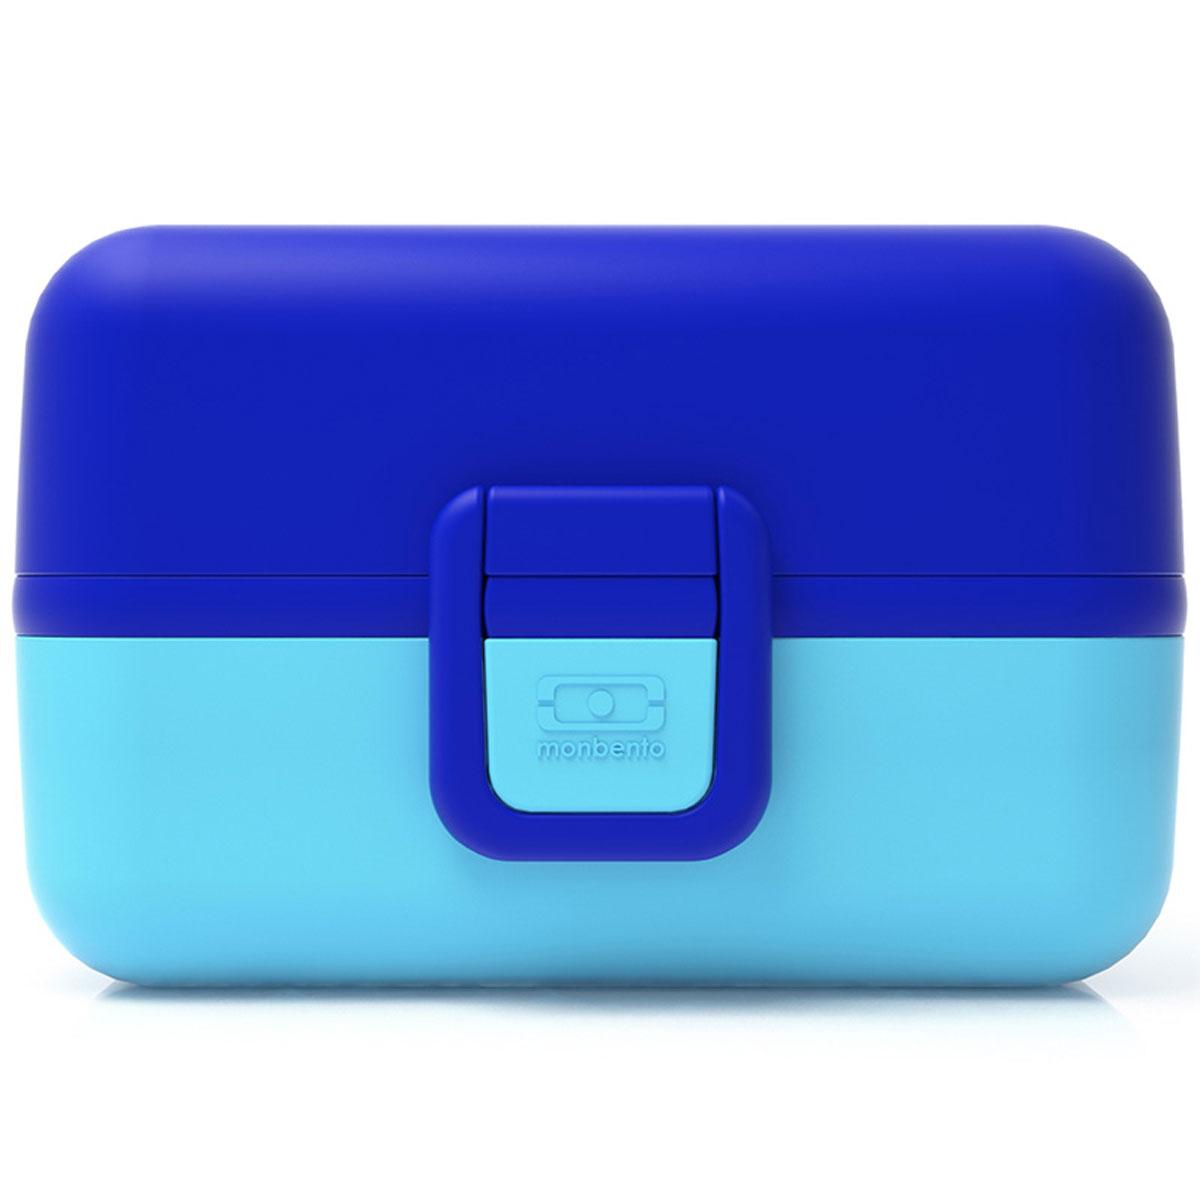 Ланчбокс Monbento Tresor, цвет: ежевичный, 900 мл21395599Ланчбокс Monbento Tresor изготовлен из высококачественного пищевого пластика. Предназначен для хранения и переноски пищевых продуктов. Ланчбокс плотно закрывается на две защелки. Внутри имеется большое прямоугольное отделение, которое закрывается крышечкой, и два квадратных контейнера с прозрачными крышками. Компактные размеры позволят хранить ланчбокс в любой сумке. Его удобно взять с собой на работу, отдых, в поездку. Теперь любимая домашняя еда всегда будет под рукой, а яркий дизайн поднимет настроение и подарит заряд позитива. Можно использовать в микроволновой печи и для хранения пищи в холодильнике, можно мыть в посудомоечной машине.Объем: 900 мл. Общий размер ланчбокса: 16 см х 9 см х 10 см. Размер квадратных контейнеров: 7,5 см х 7,5 см х 5 см.